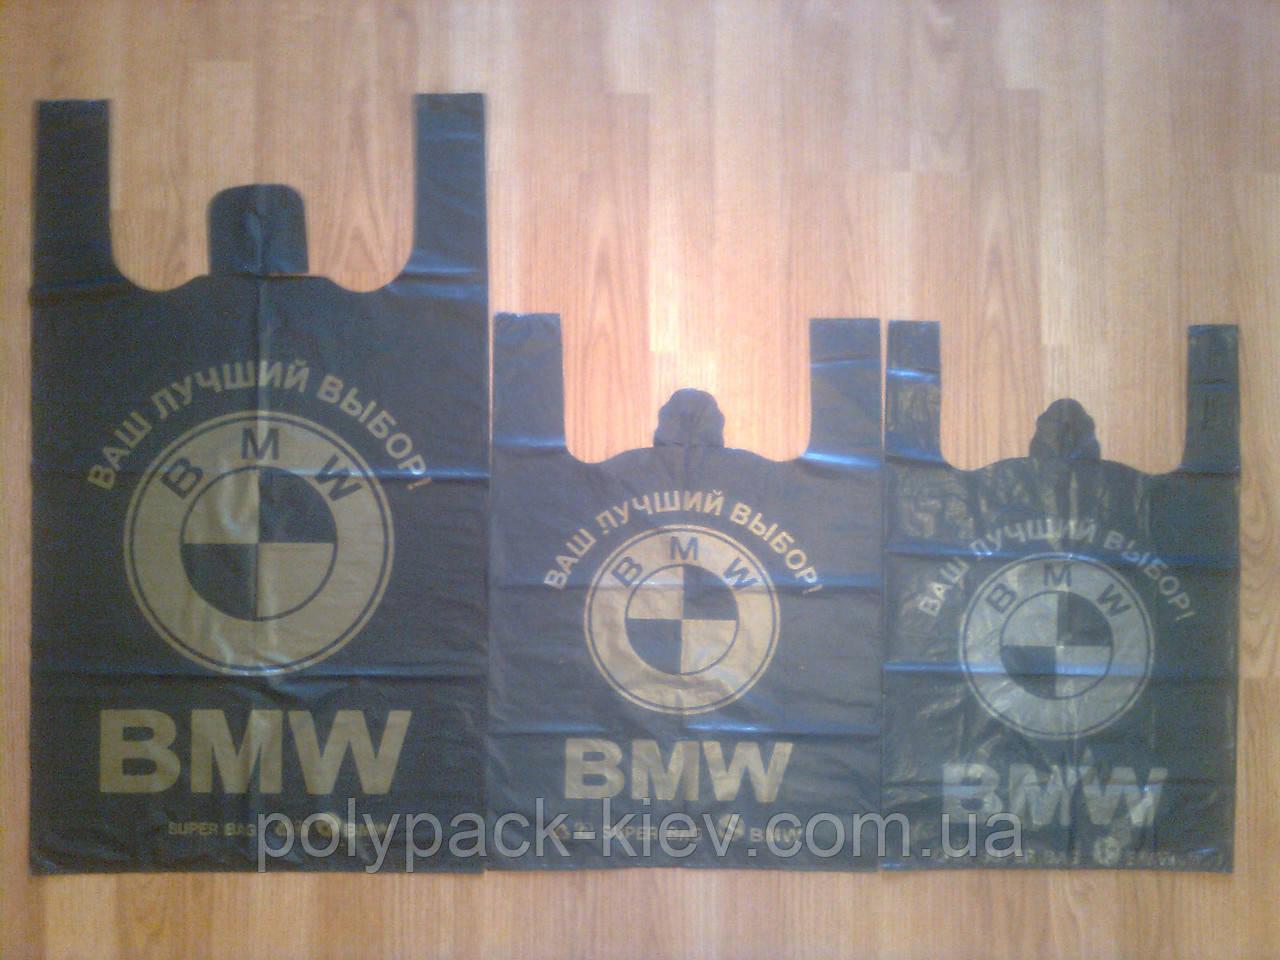 Пакеты майка BMW 44*75 см., полиэтиленовые плотные пакеты, купить прочный пакет БМВ оптом от производителя